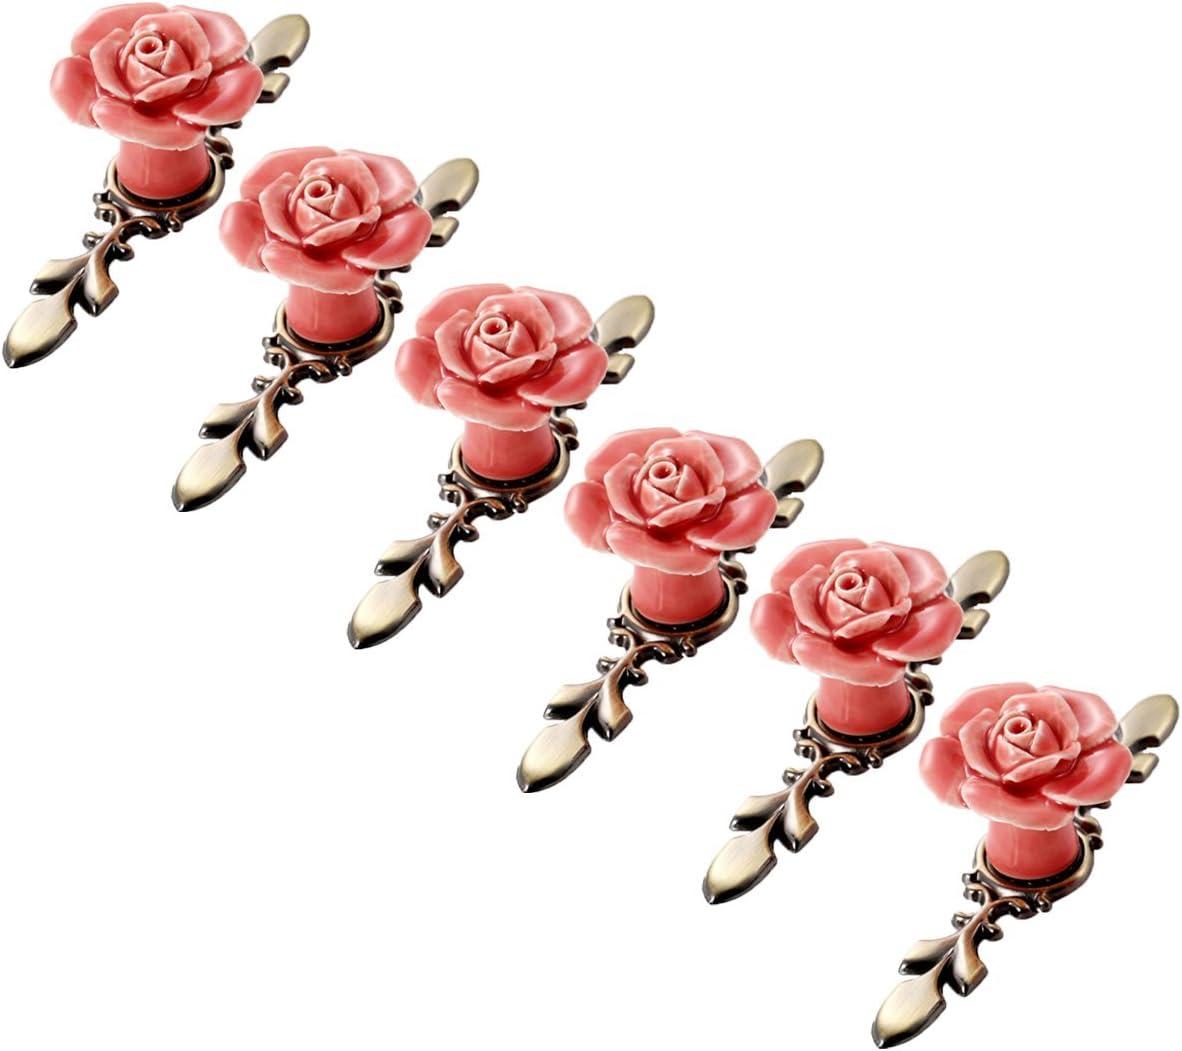 6pcs Creatwls Einloch Rose Muster Griff Schrankgriff Schubladengriff Keramik Antik Griff Ziehen M/öbelgriffe Knopf K/üchengriffe M/öbelknopf Griffe